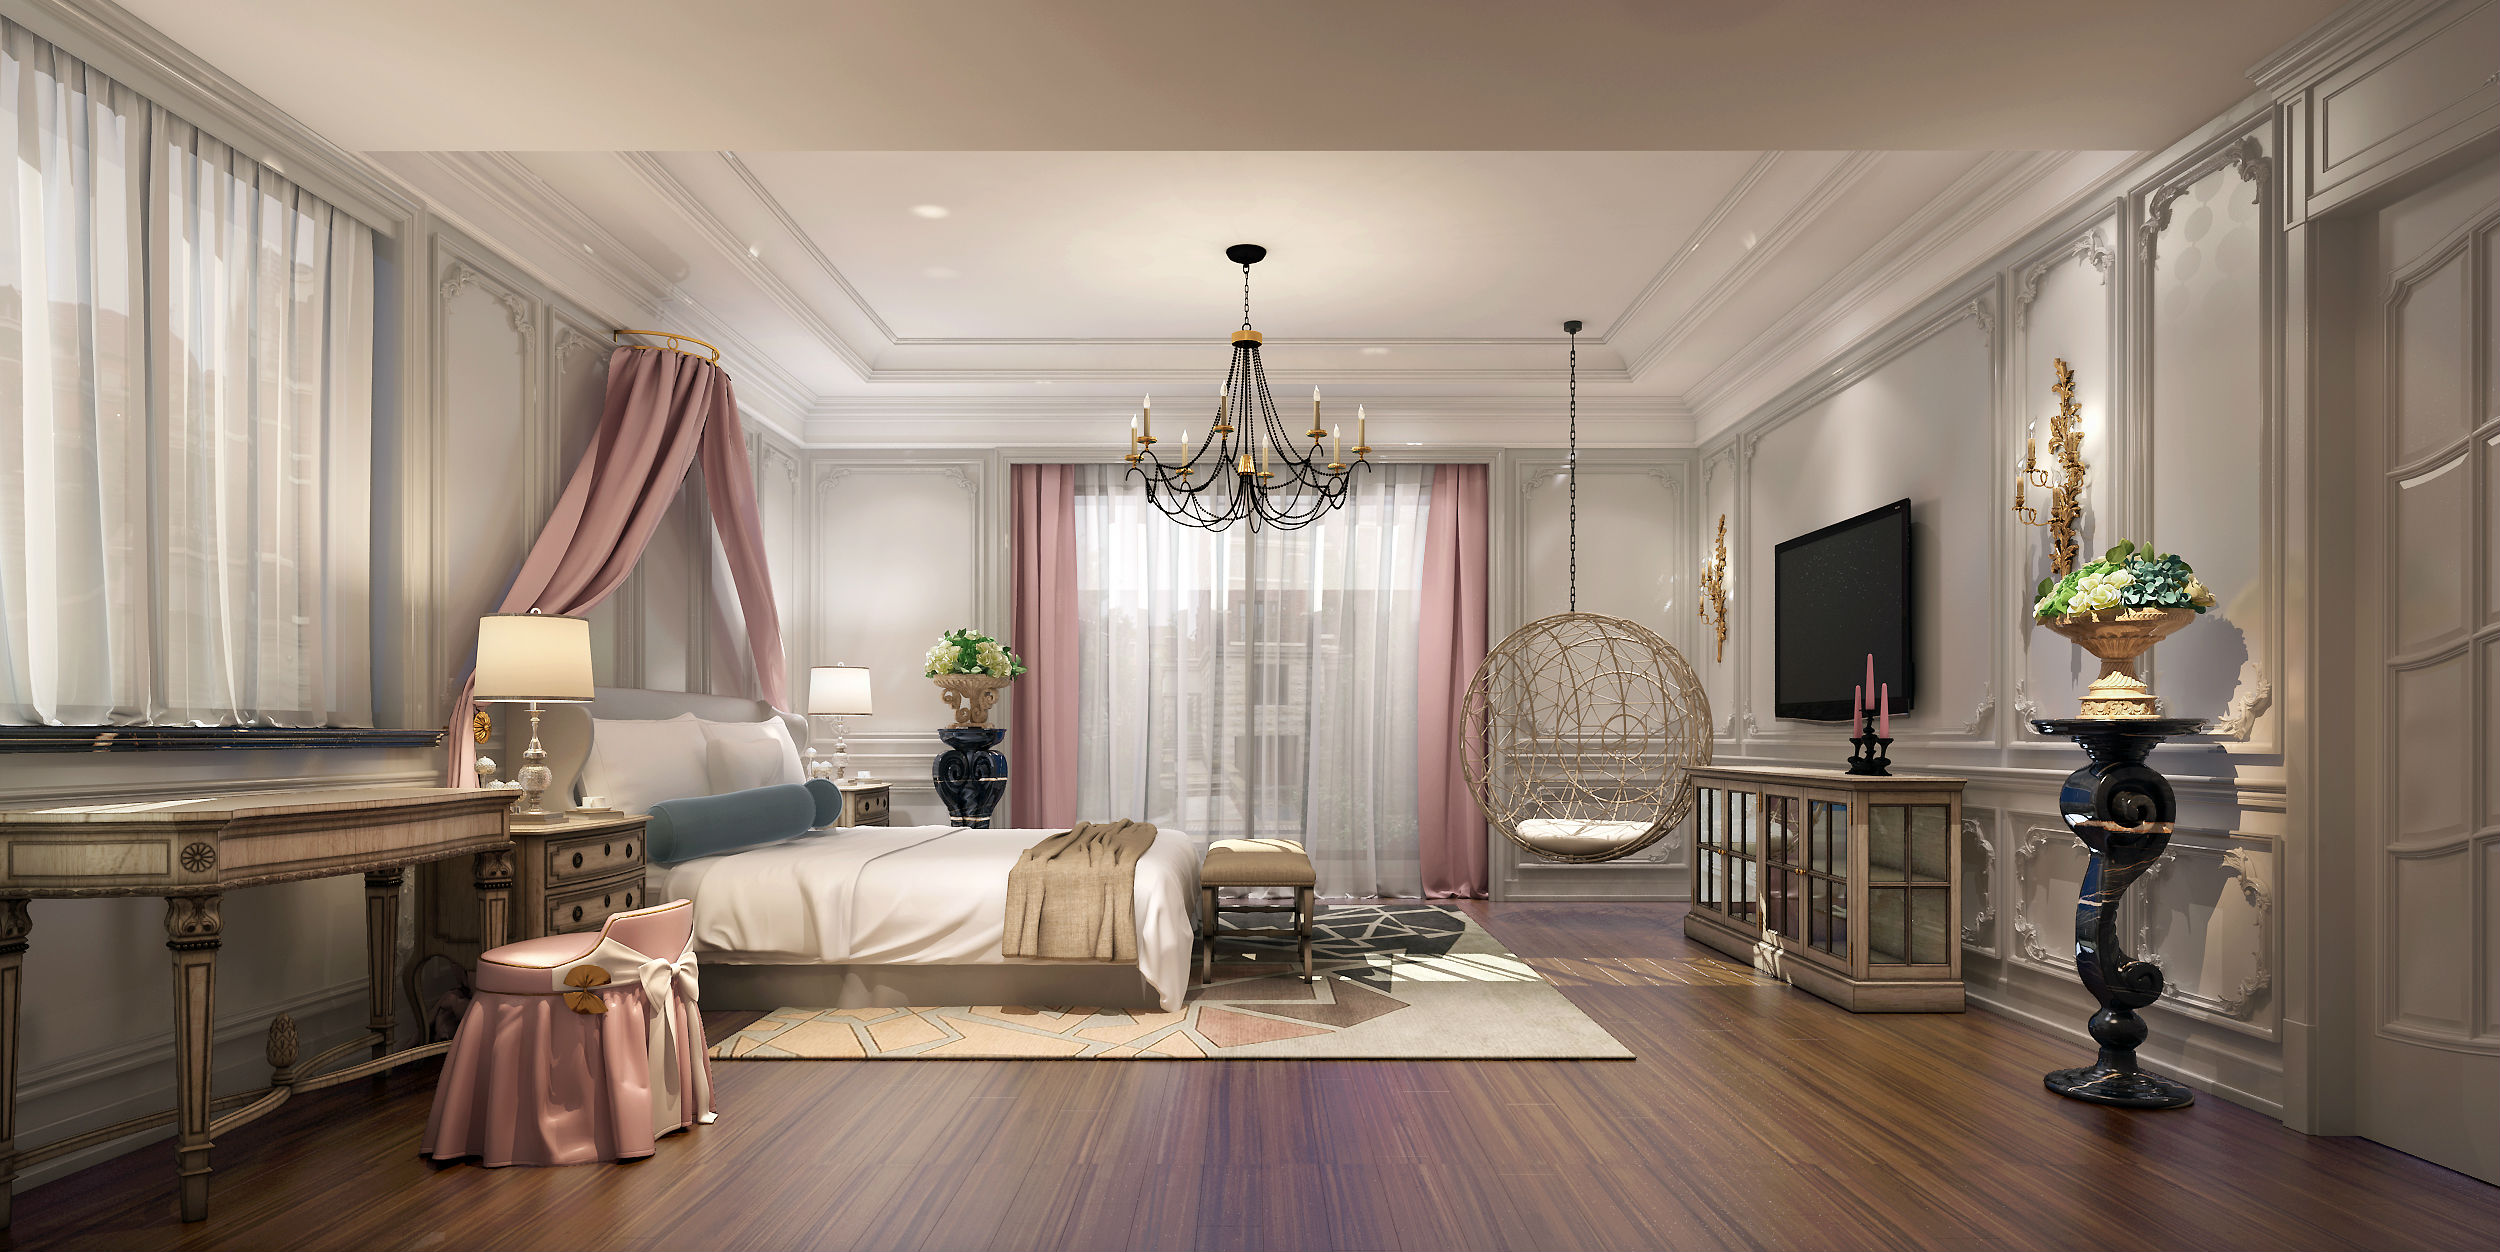 别墅是业主为了提升生活品质而选择的居住场所,不仅仅在于别墅内部的装修,还包括真正能体现业主生活情调、生活习惯以及喜好,可见别墅装修是一门非常大的学问。别墅装修很重要,因为业主都想自家的别墅装修的美观又大方。在装修前首先要考虑的就是装修风格的问题,装修风格有很多种,美式、中式、地中海等等,每一种风格都有自己的特点。